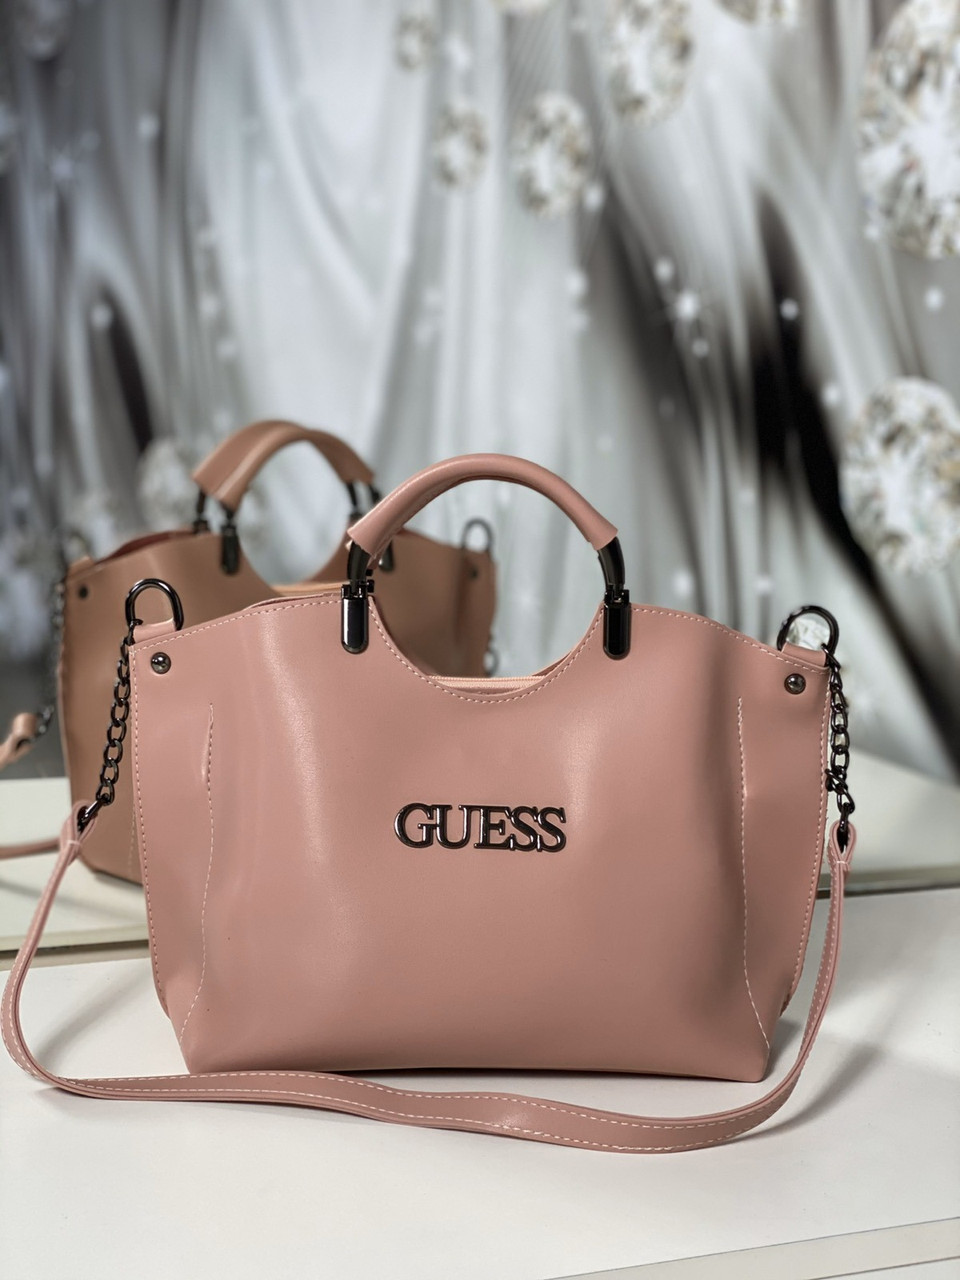 Женская сумка небольшая на плечо модная городская сумочка шоппер пудровая экокожа